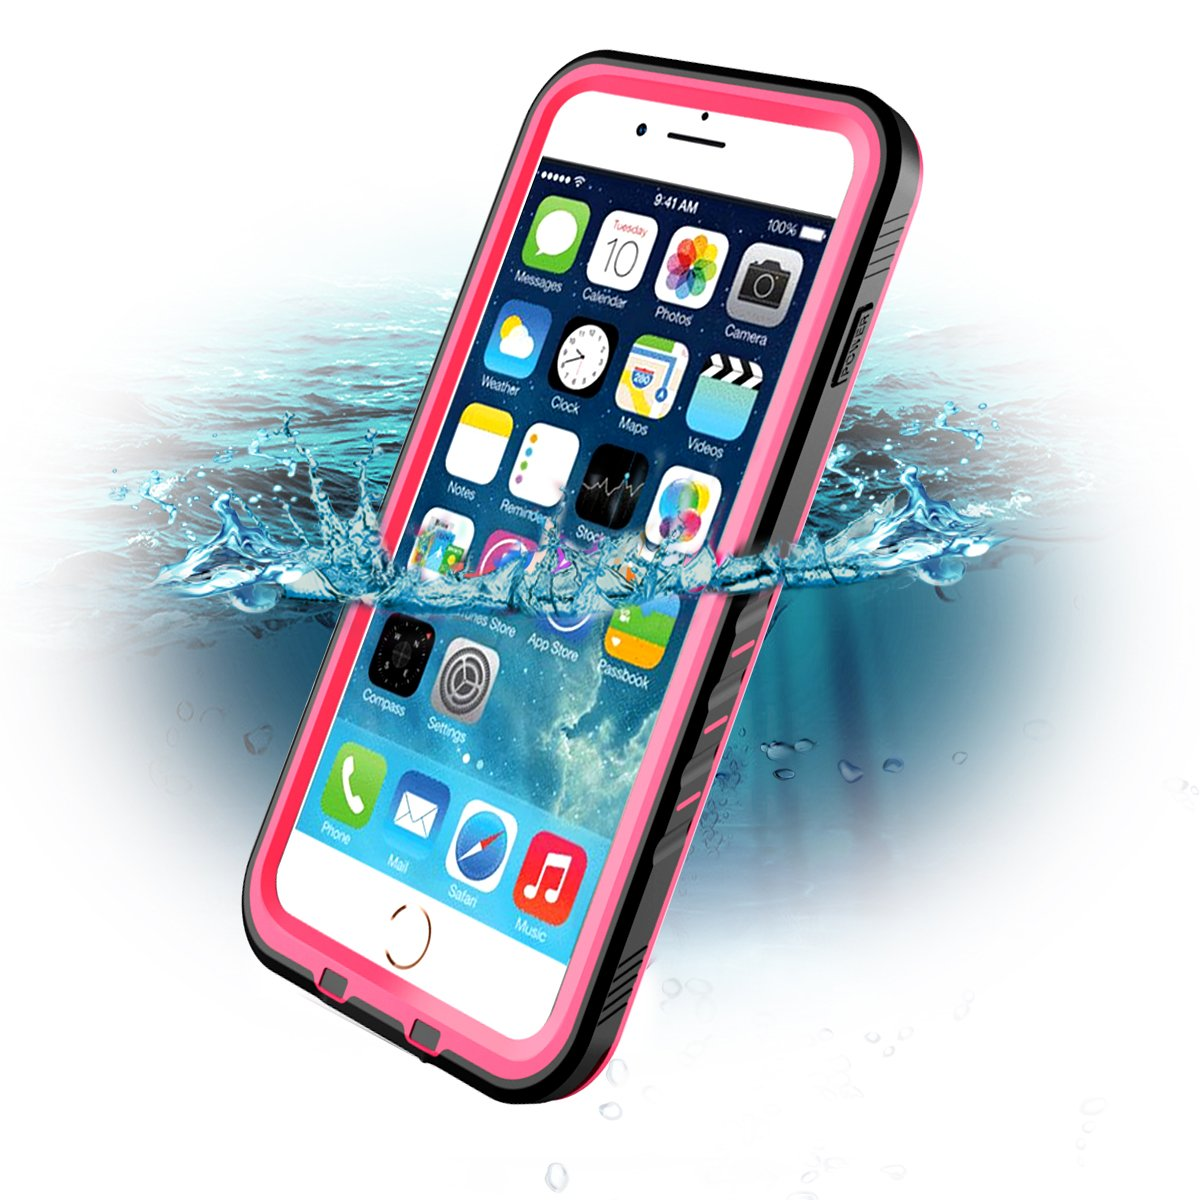 cc9d3445c77 Funda compatible con iPhone 7 Plus y iPhone 8 Plus con acceso a todos los  botones y puertos. Elaborado con materiales resistentes, está totalmente  sellado ...